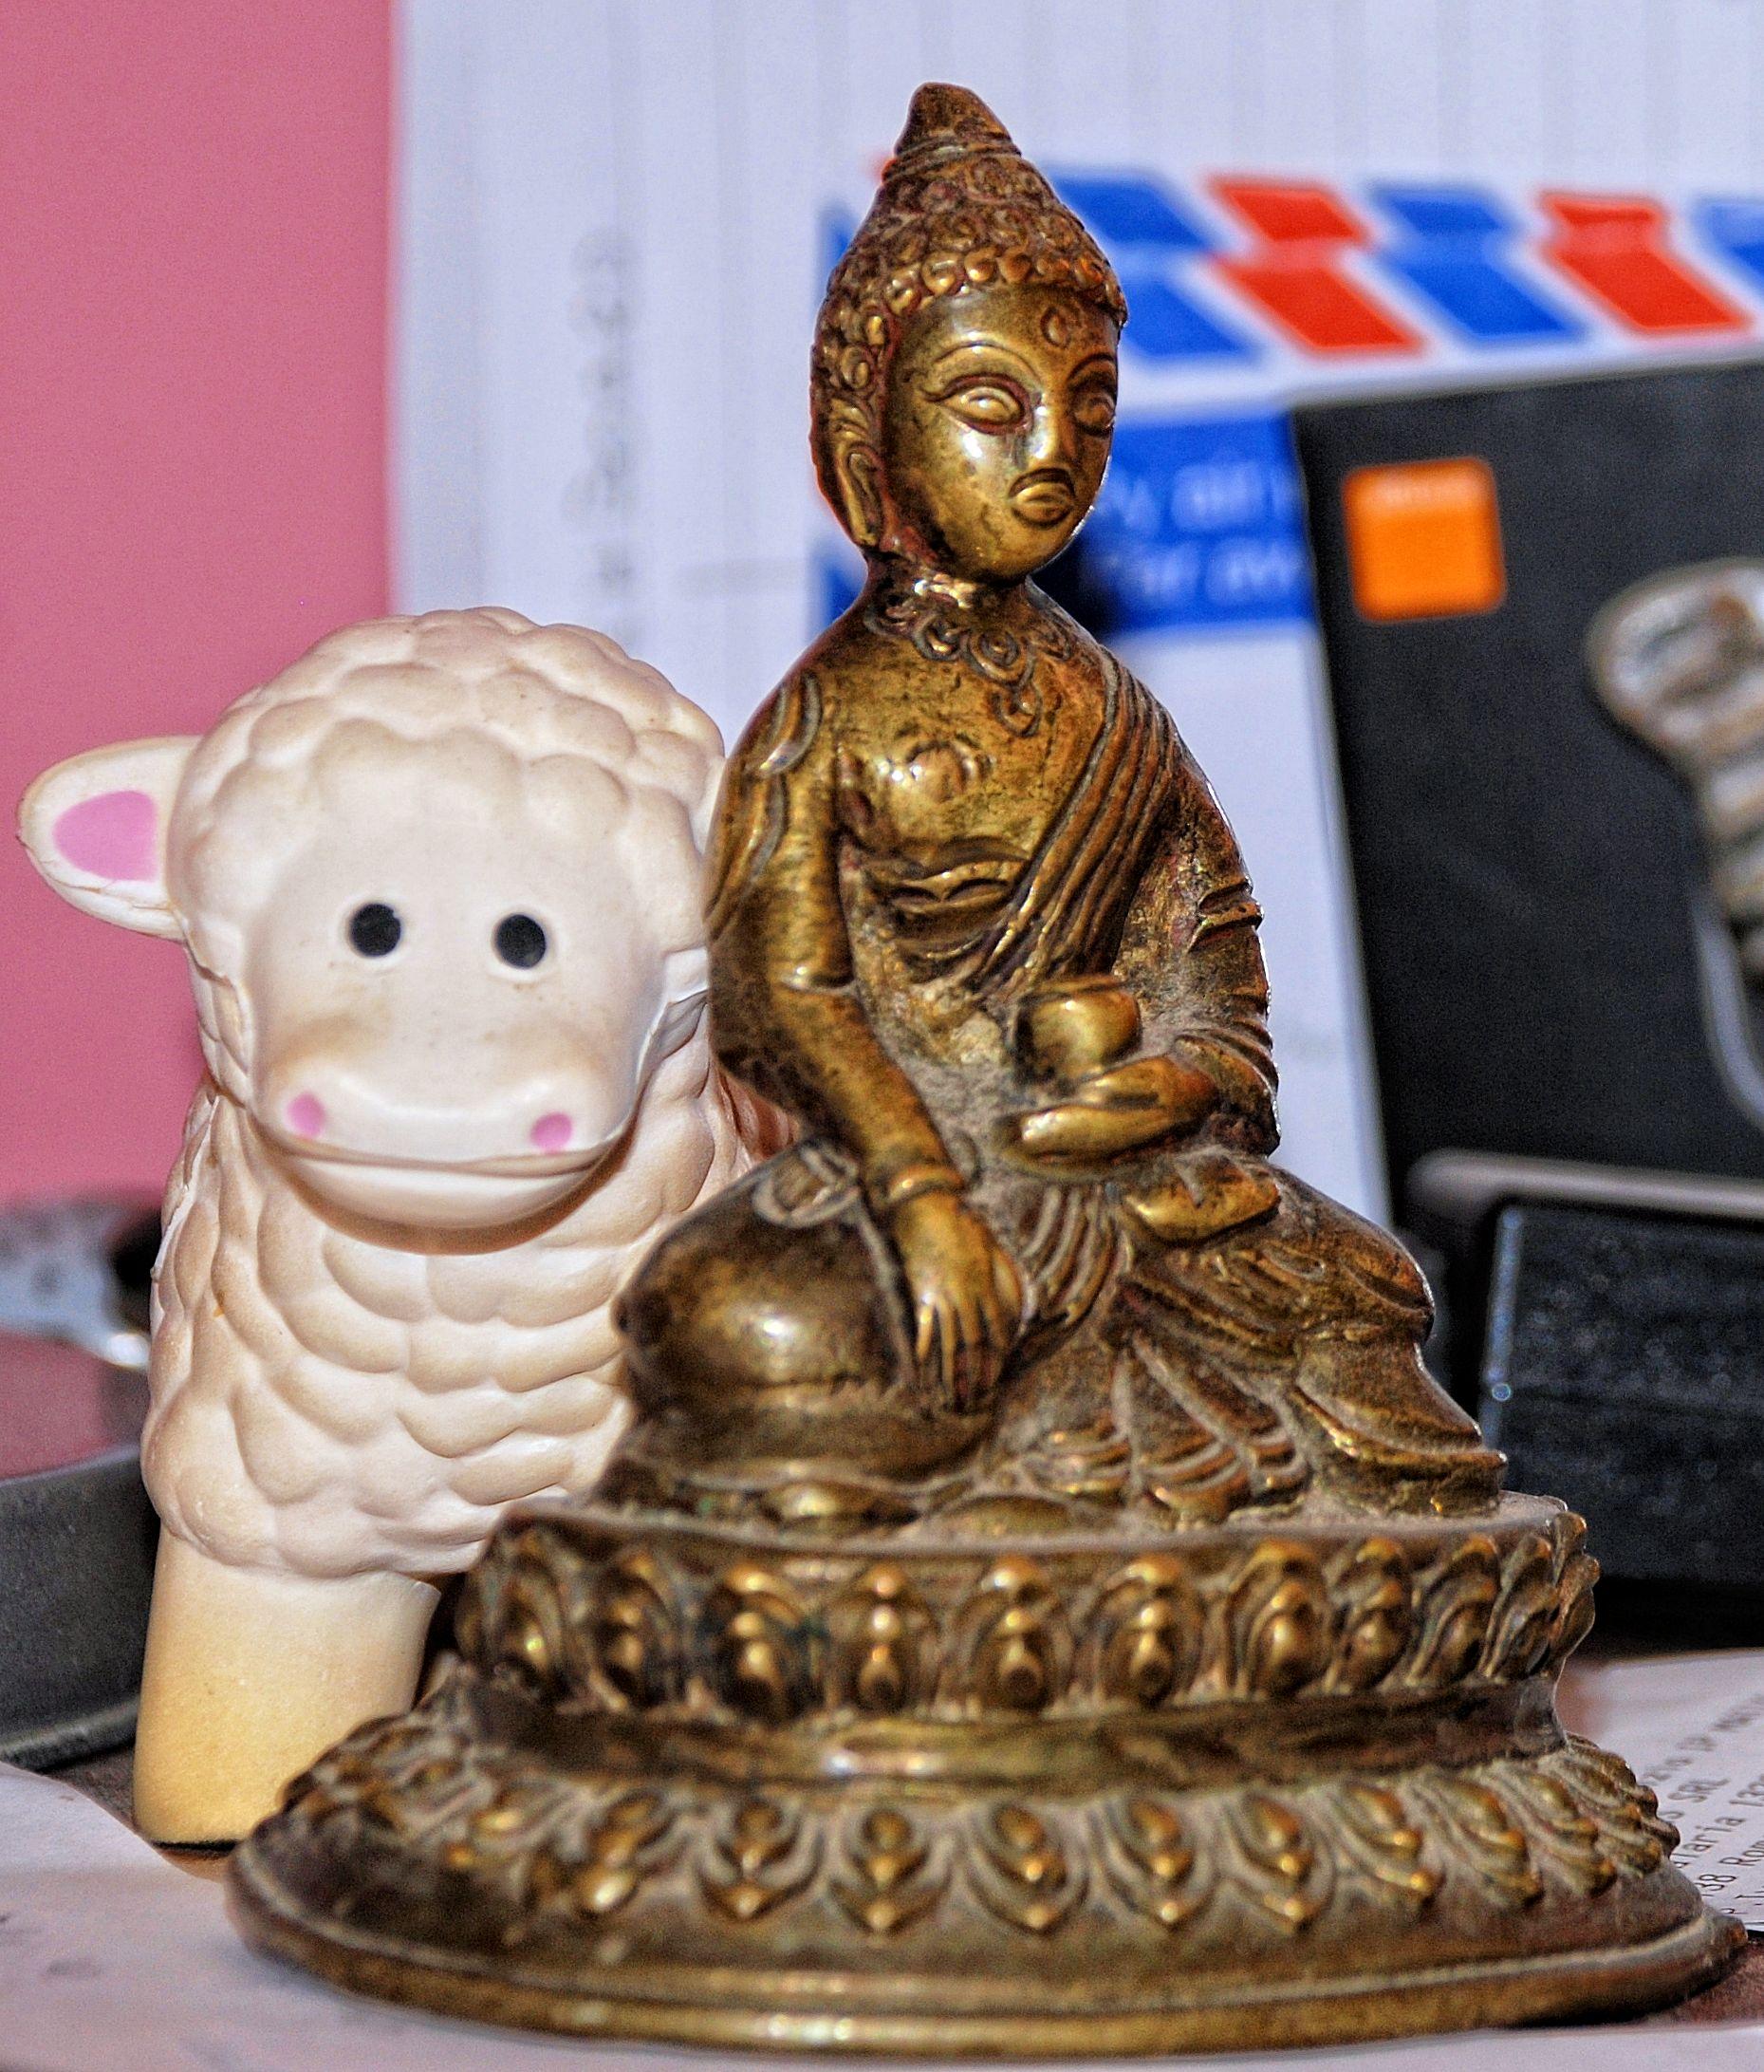 Bouddha pour apporter de l'énergie positive aux enfants